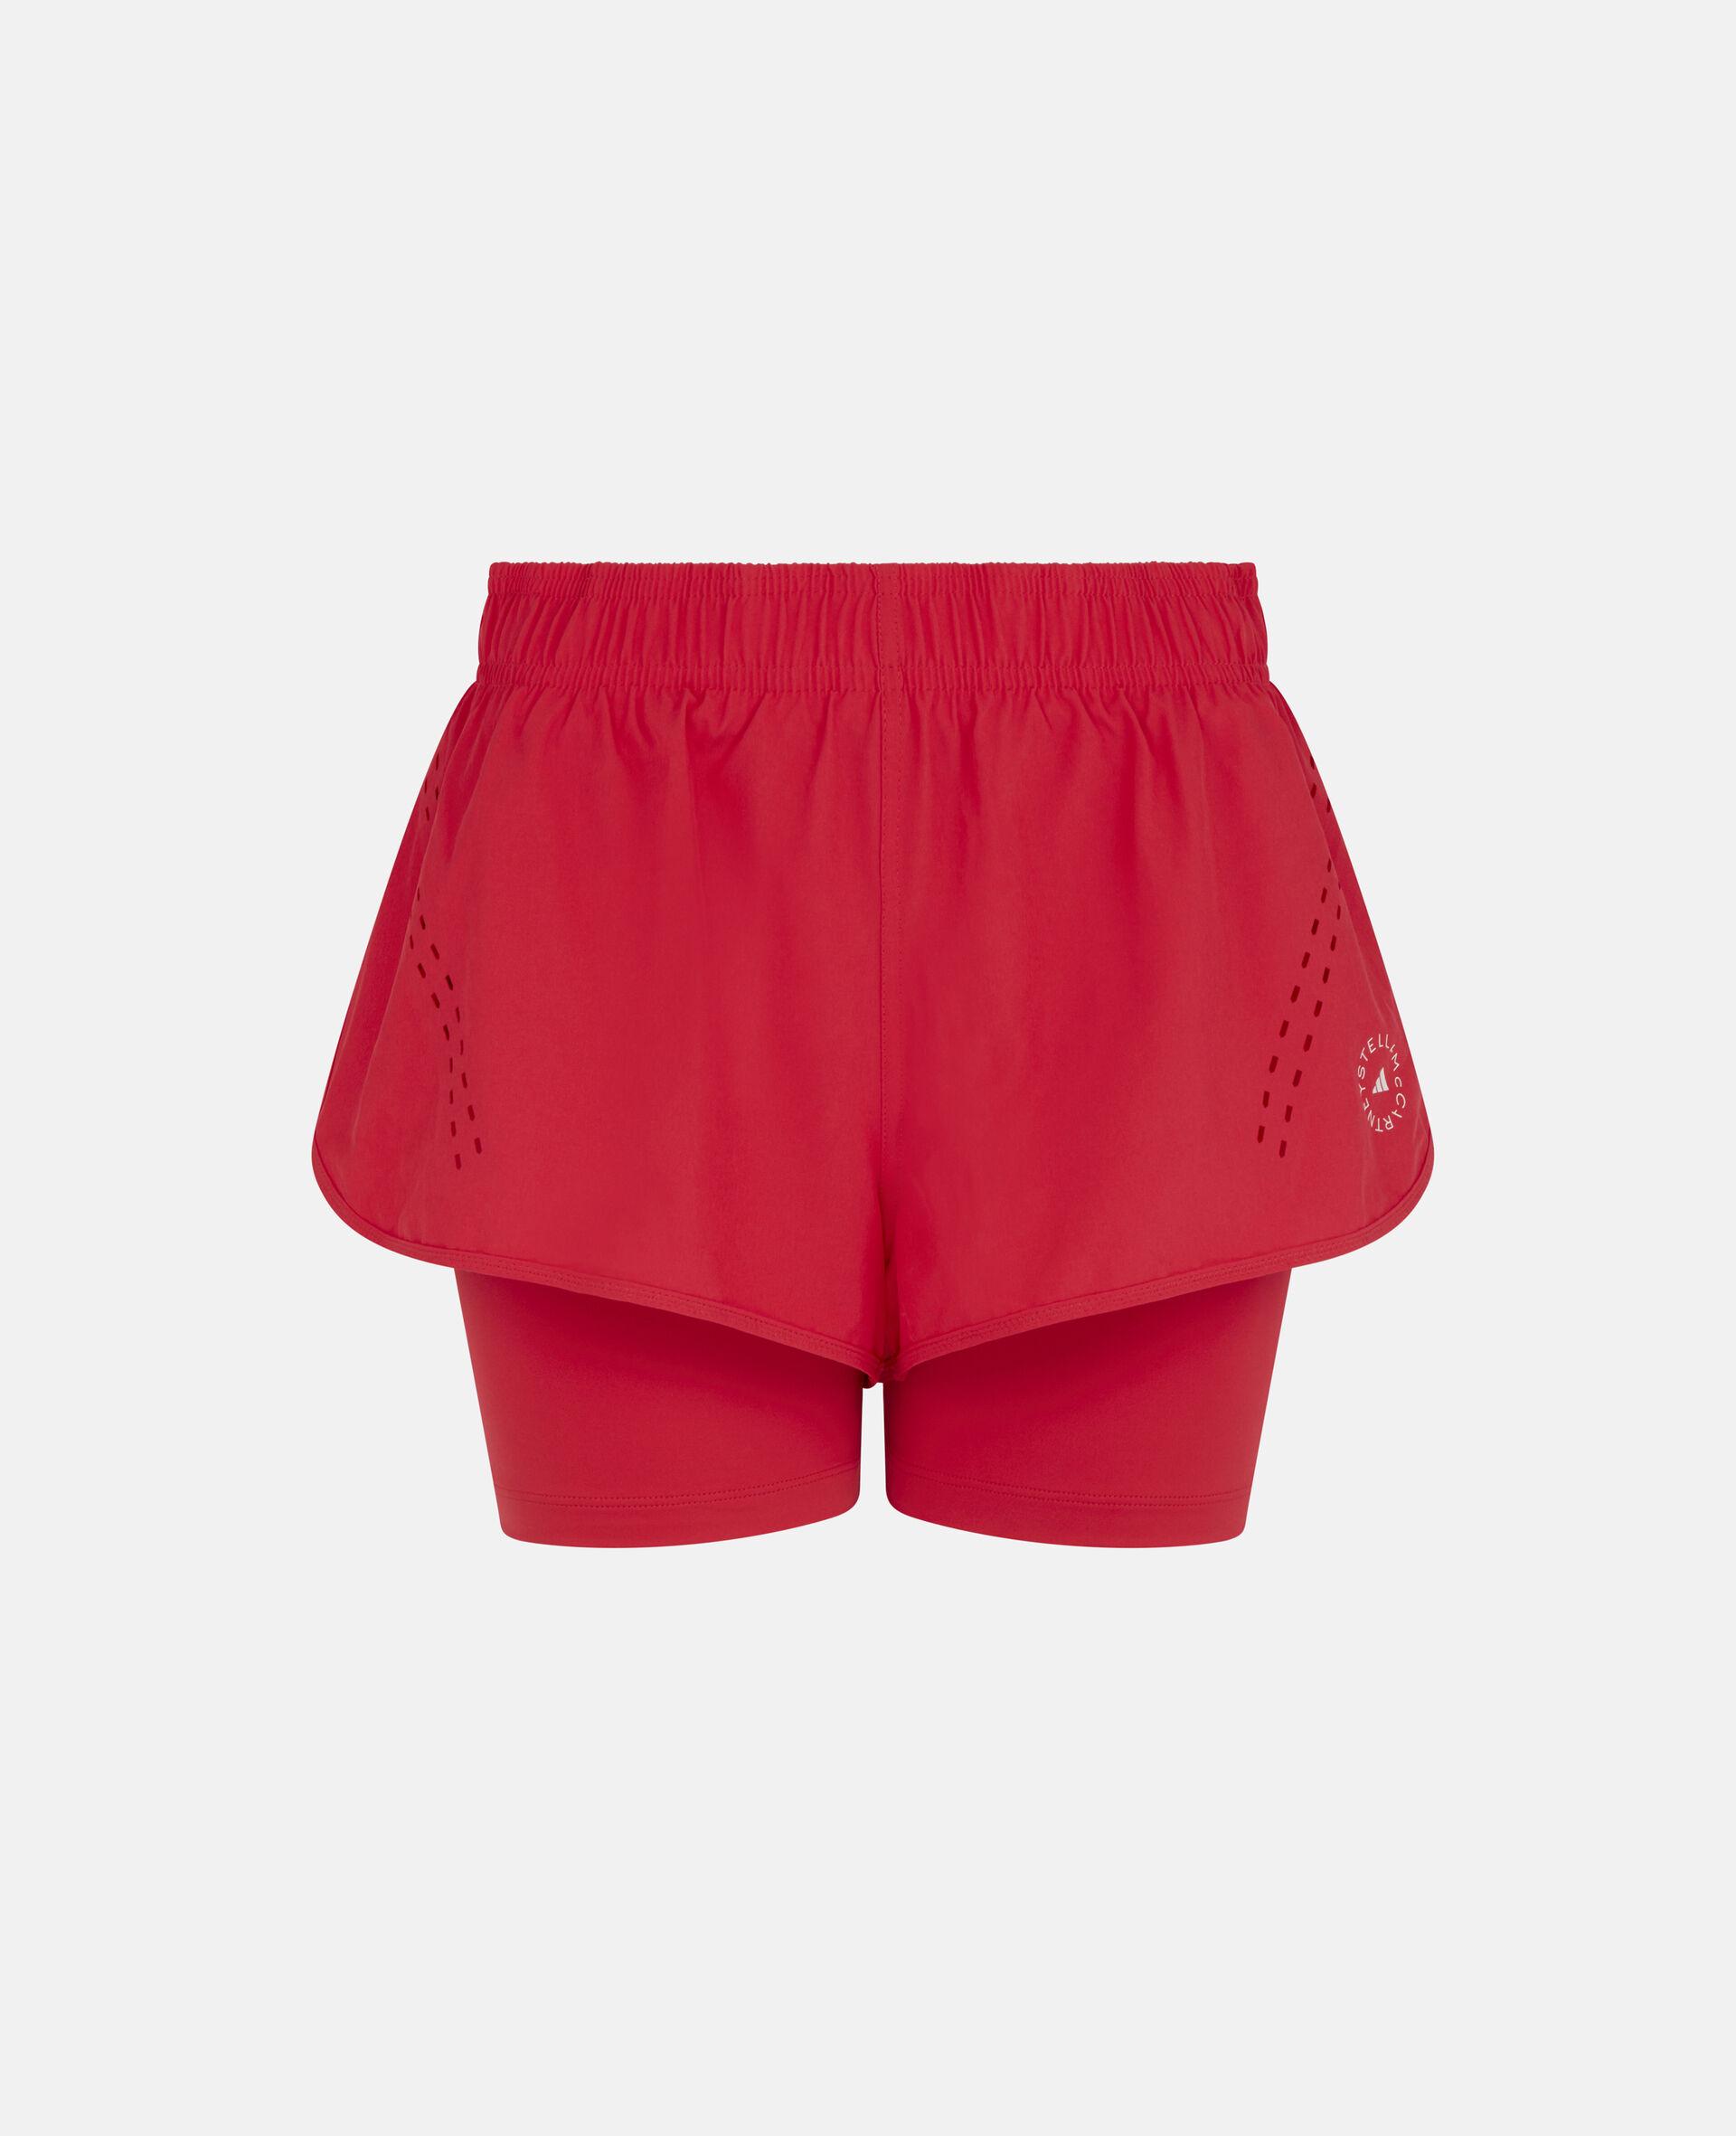 粉色 TruePurpose 训练短裤-粉色-large image number 0